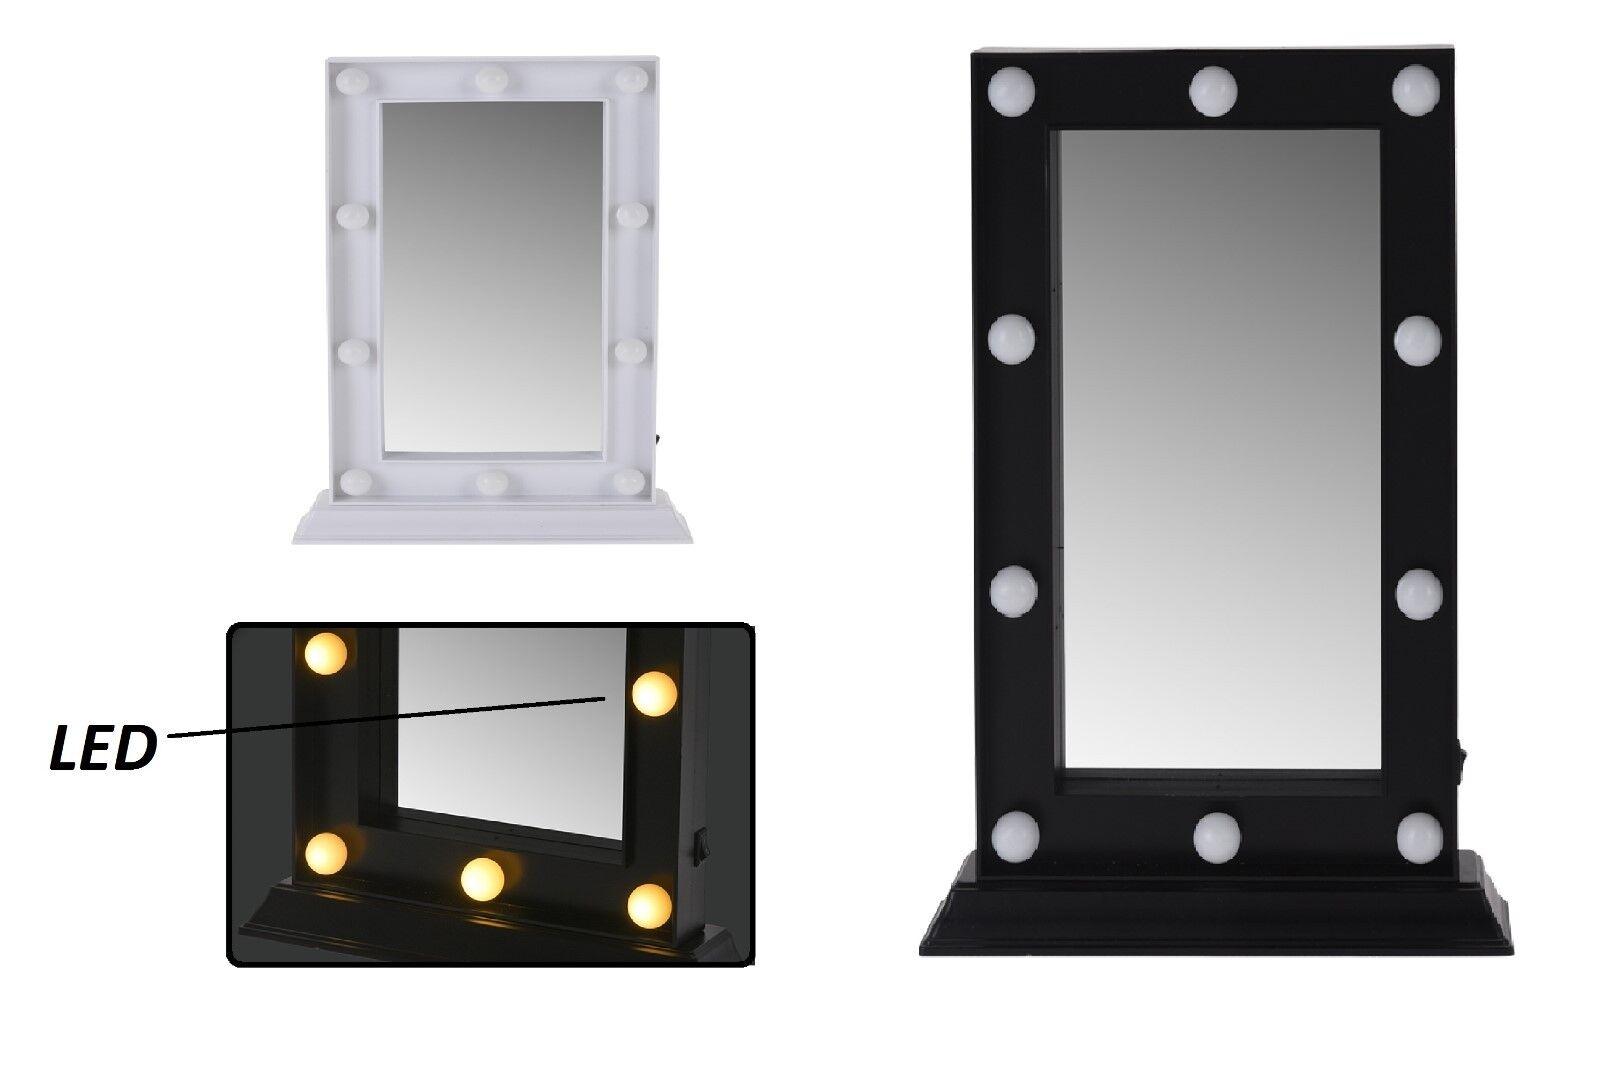 Spiegel Make Up : Make up spiegel mit beleuchtung test vergleich make up spiegel